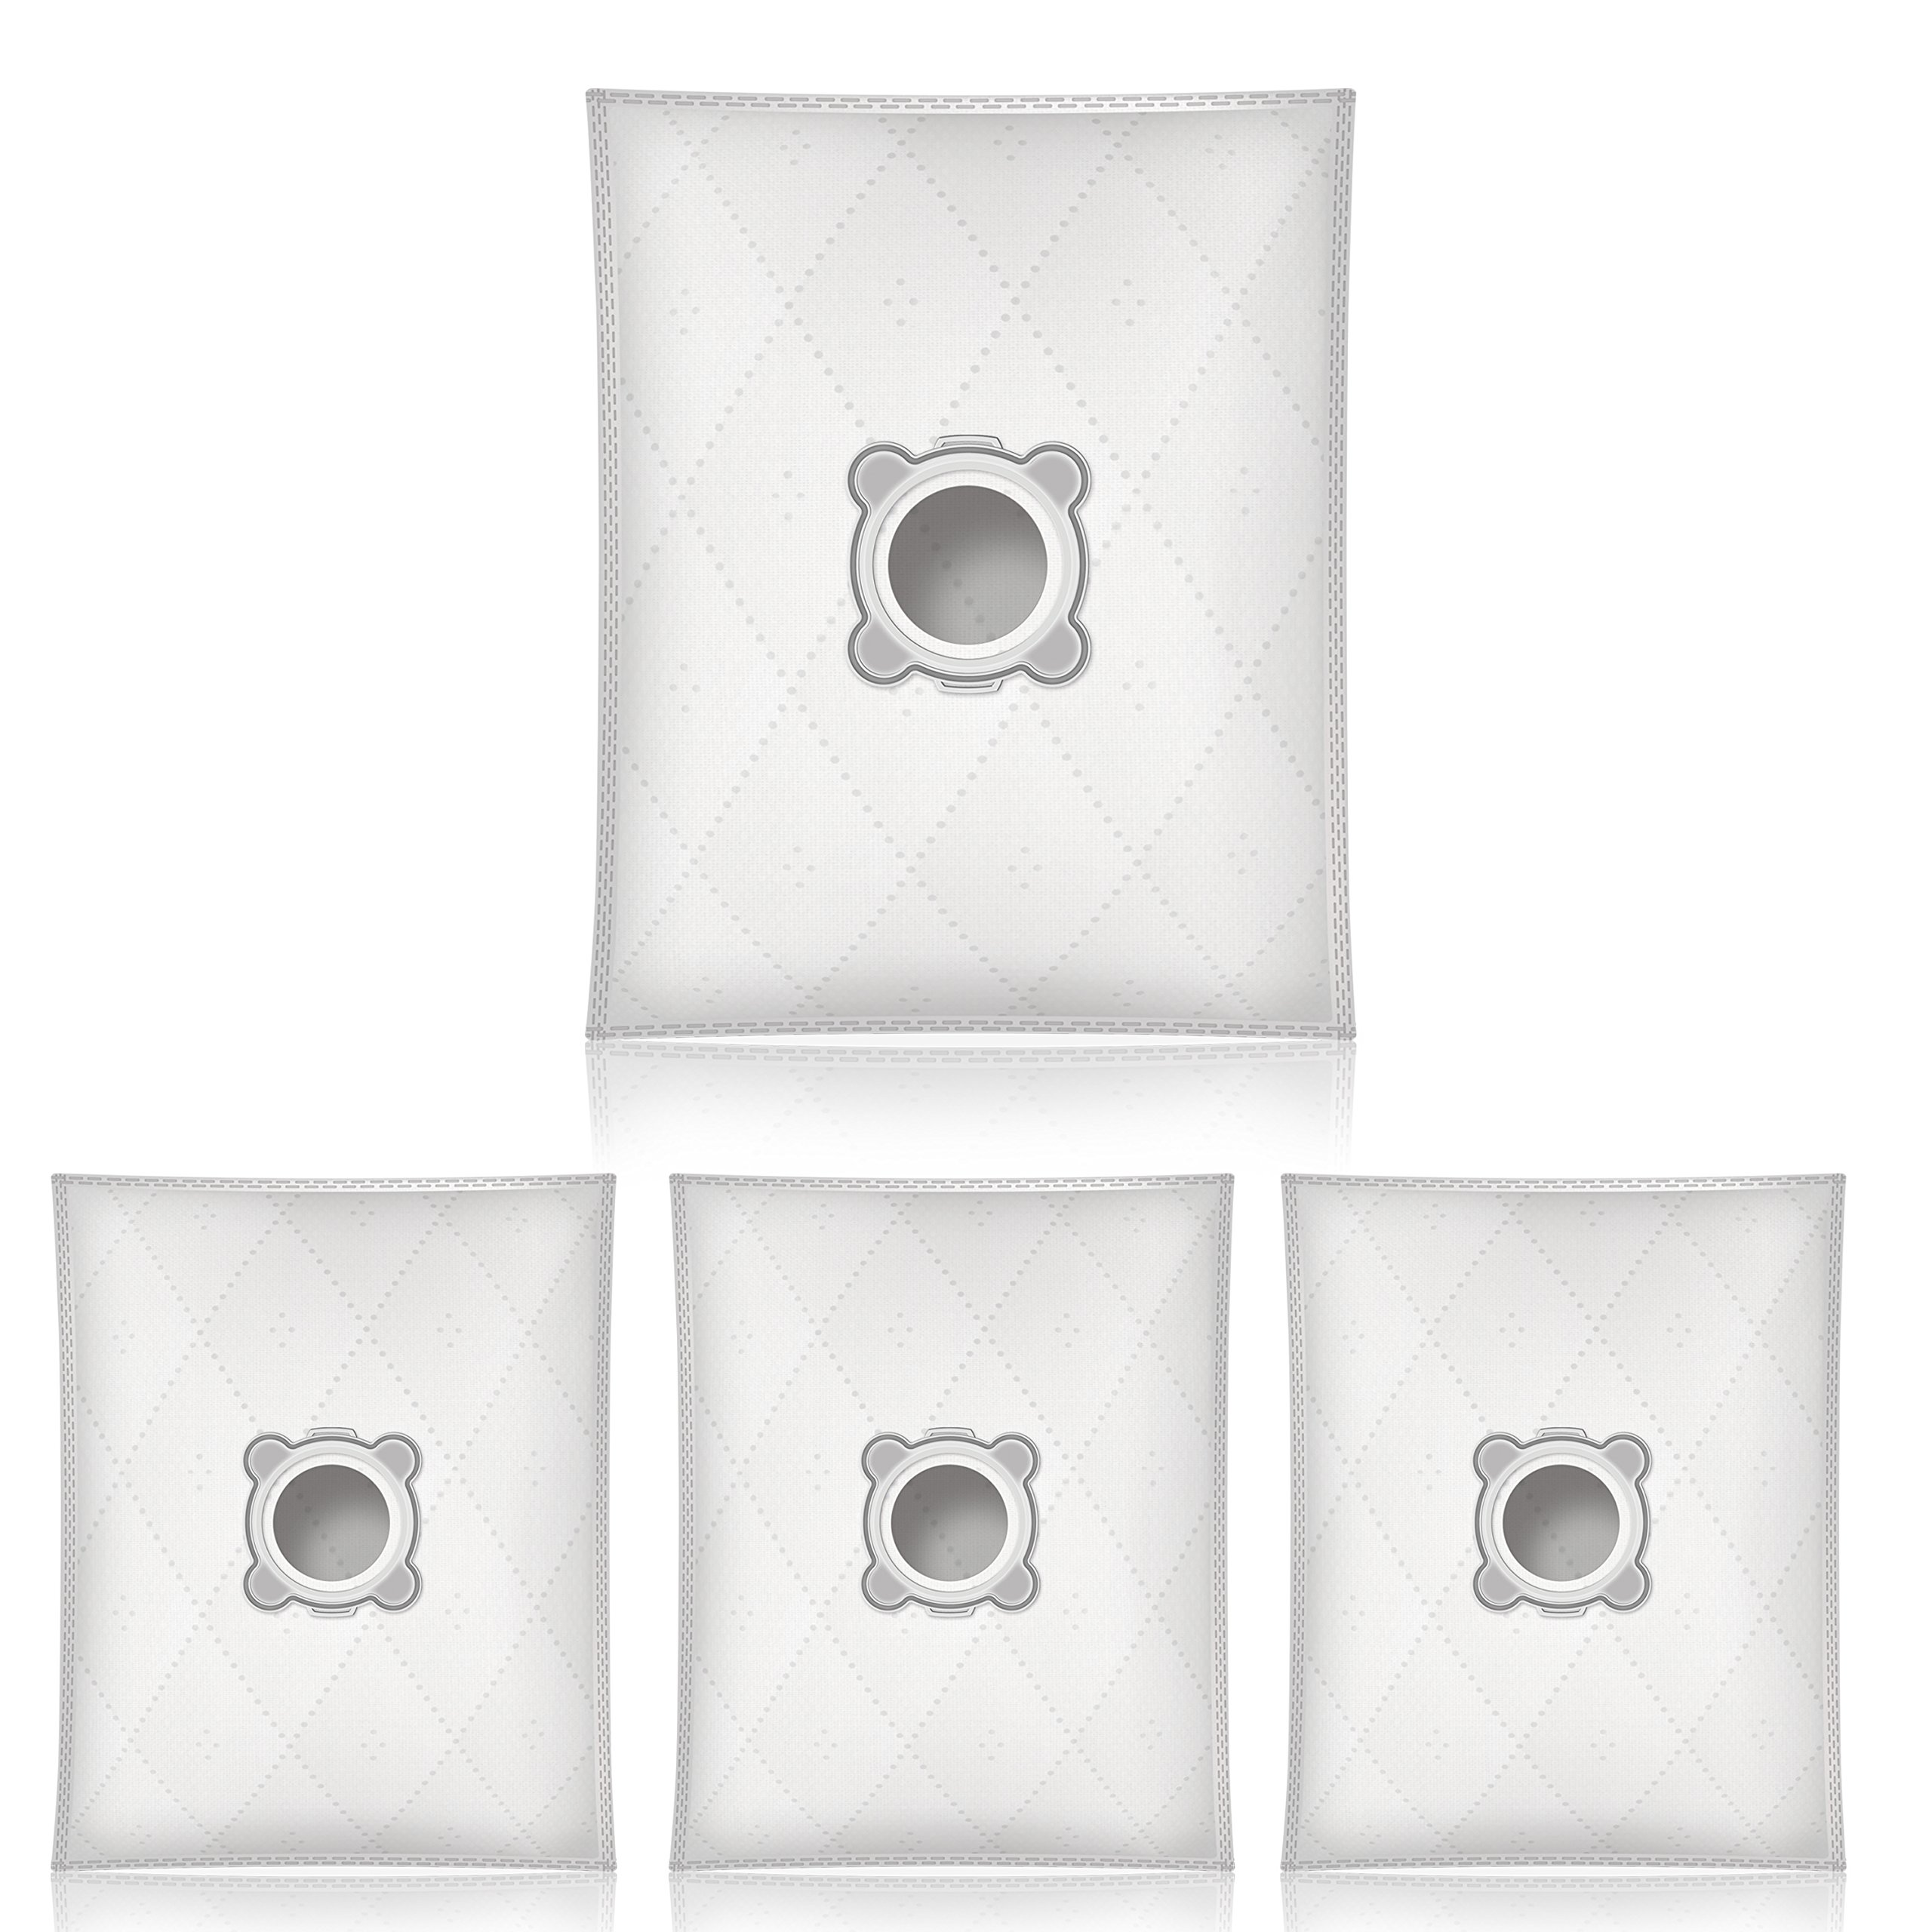 Bolsas de aspiradora para Rowenta RO593111 (4 piezas, sintéticas): Amazon.es: Hogar